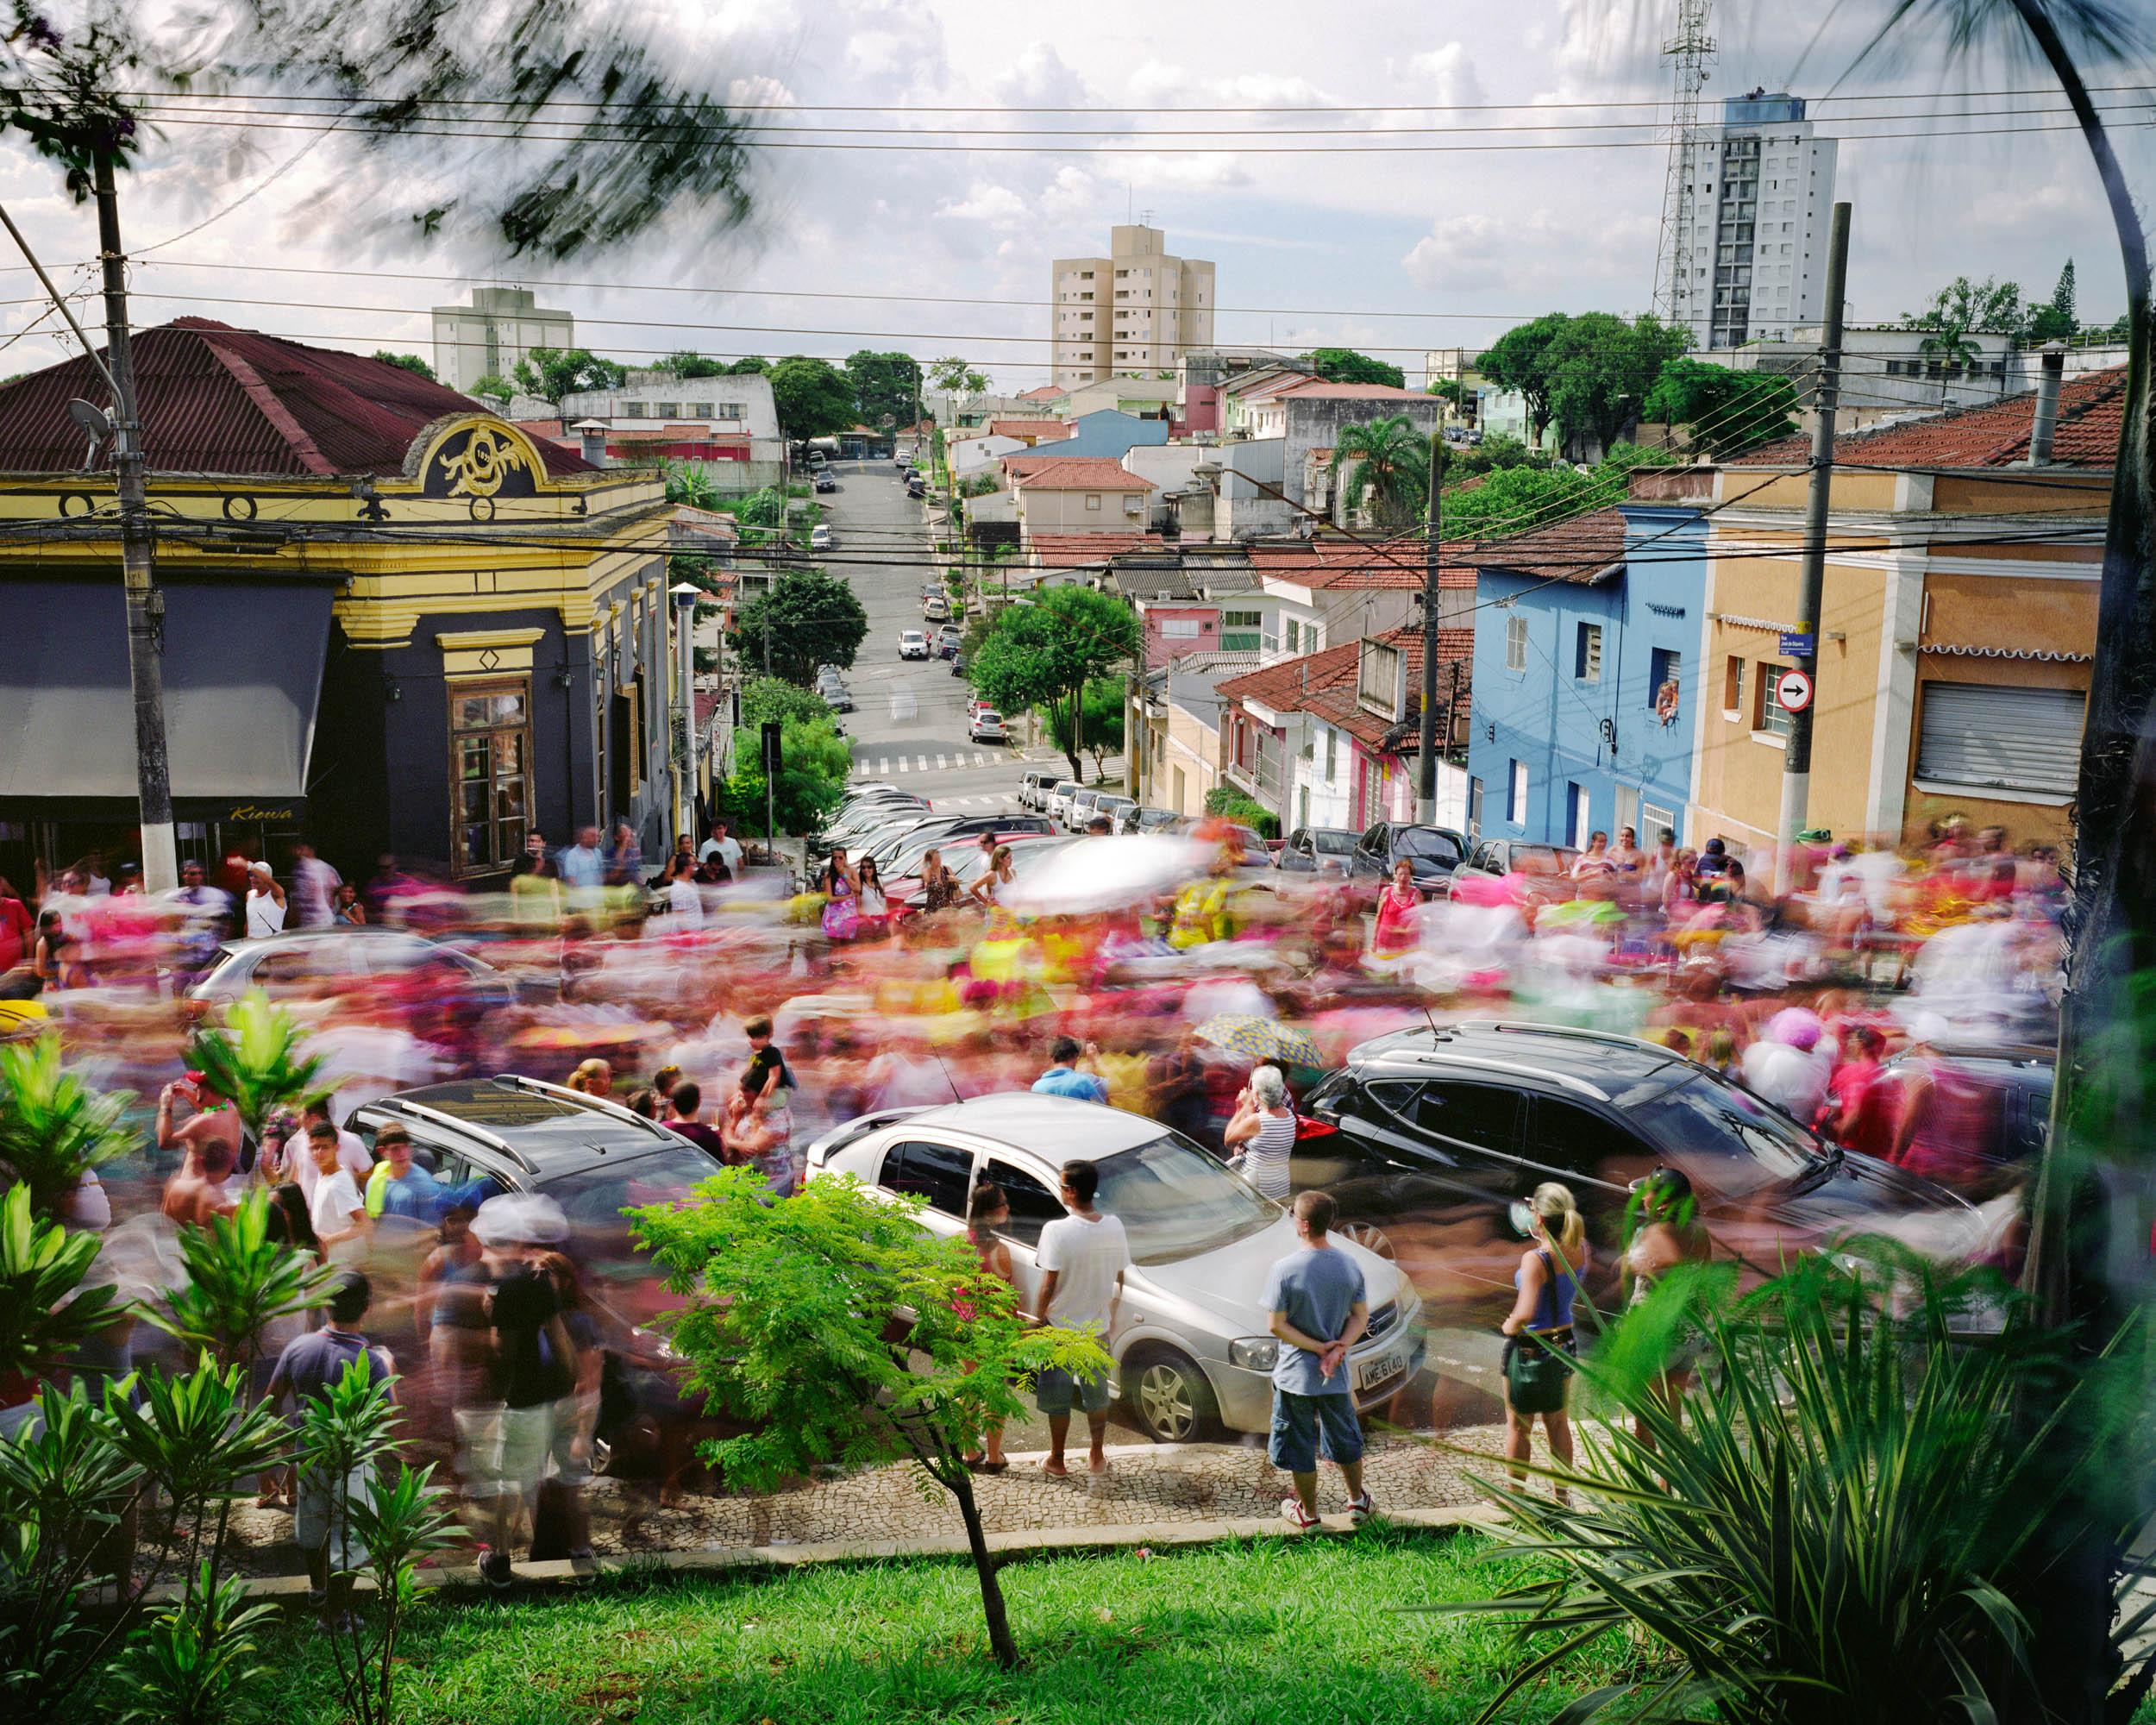 Largo da Matriz de Nossa Senhora do Ó, Freguesia/Brasilândia, São Paulo, Brazil (Carnaval)